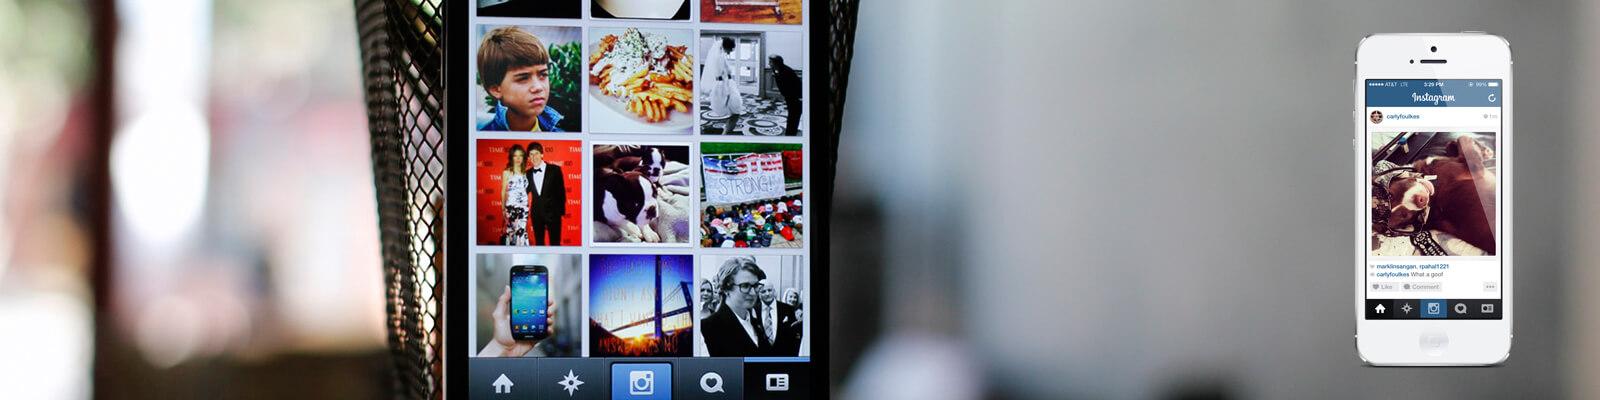 instagram app clone cost